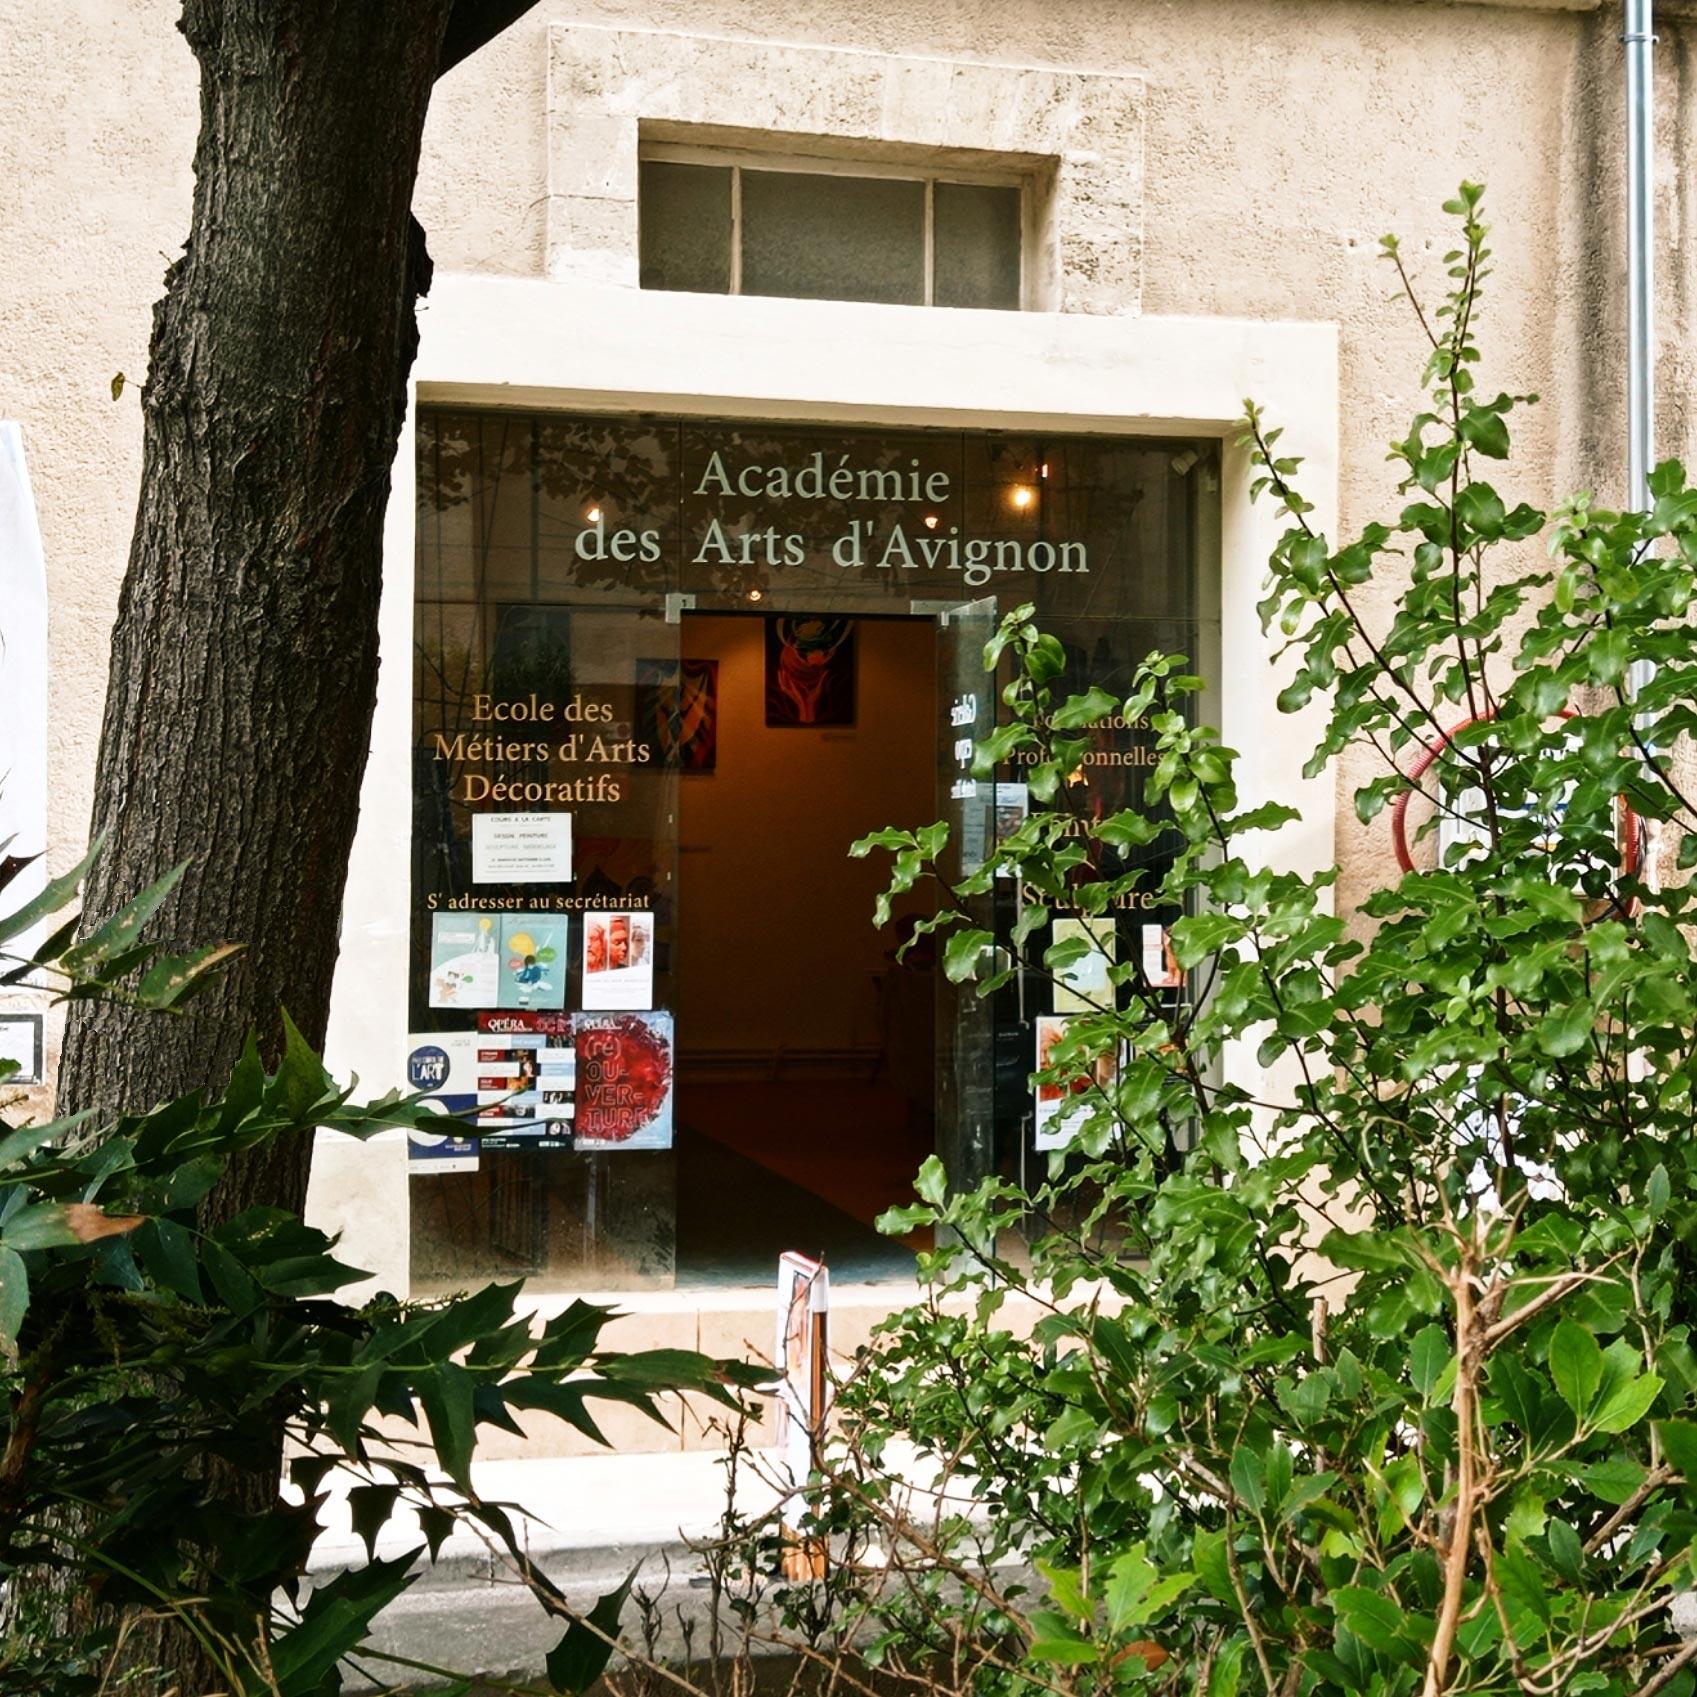 Entrée de l'Académie des Arts d'Avignon